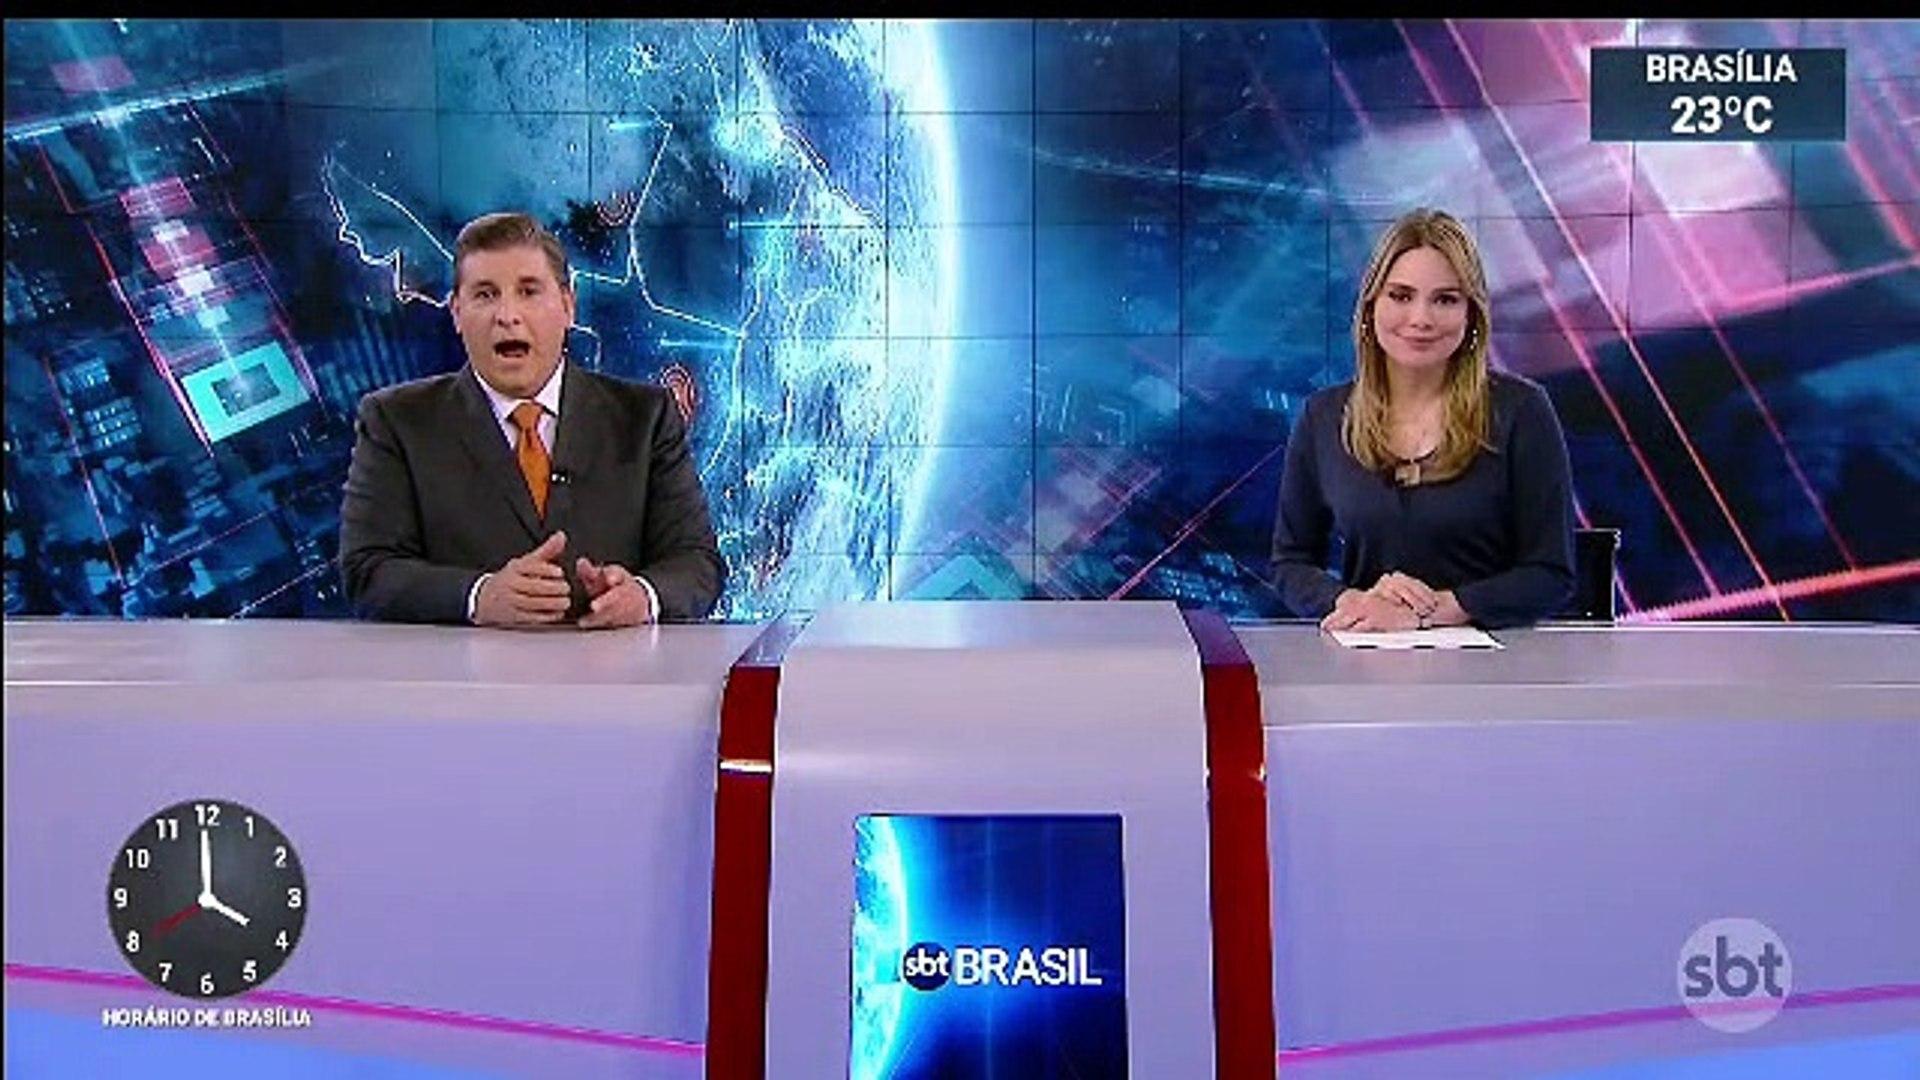 Encerramento SBT Brasil (Reprise) e inicio Primeiro Impacto (4h) com Dudu Camargo (30/08/2019) (04h0